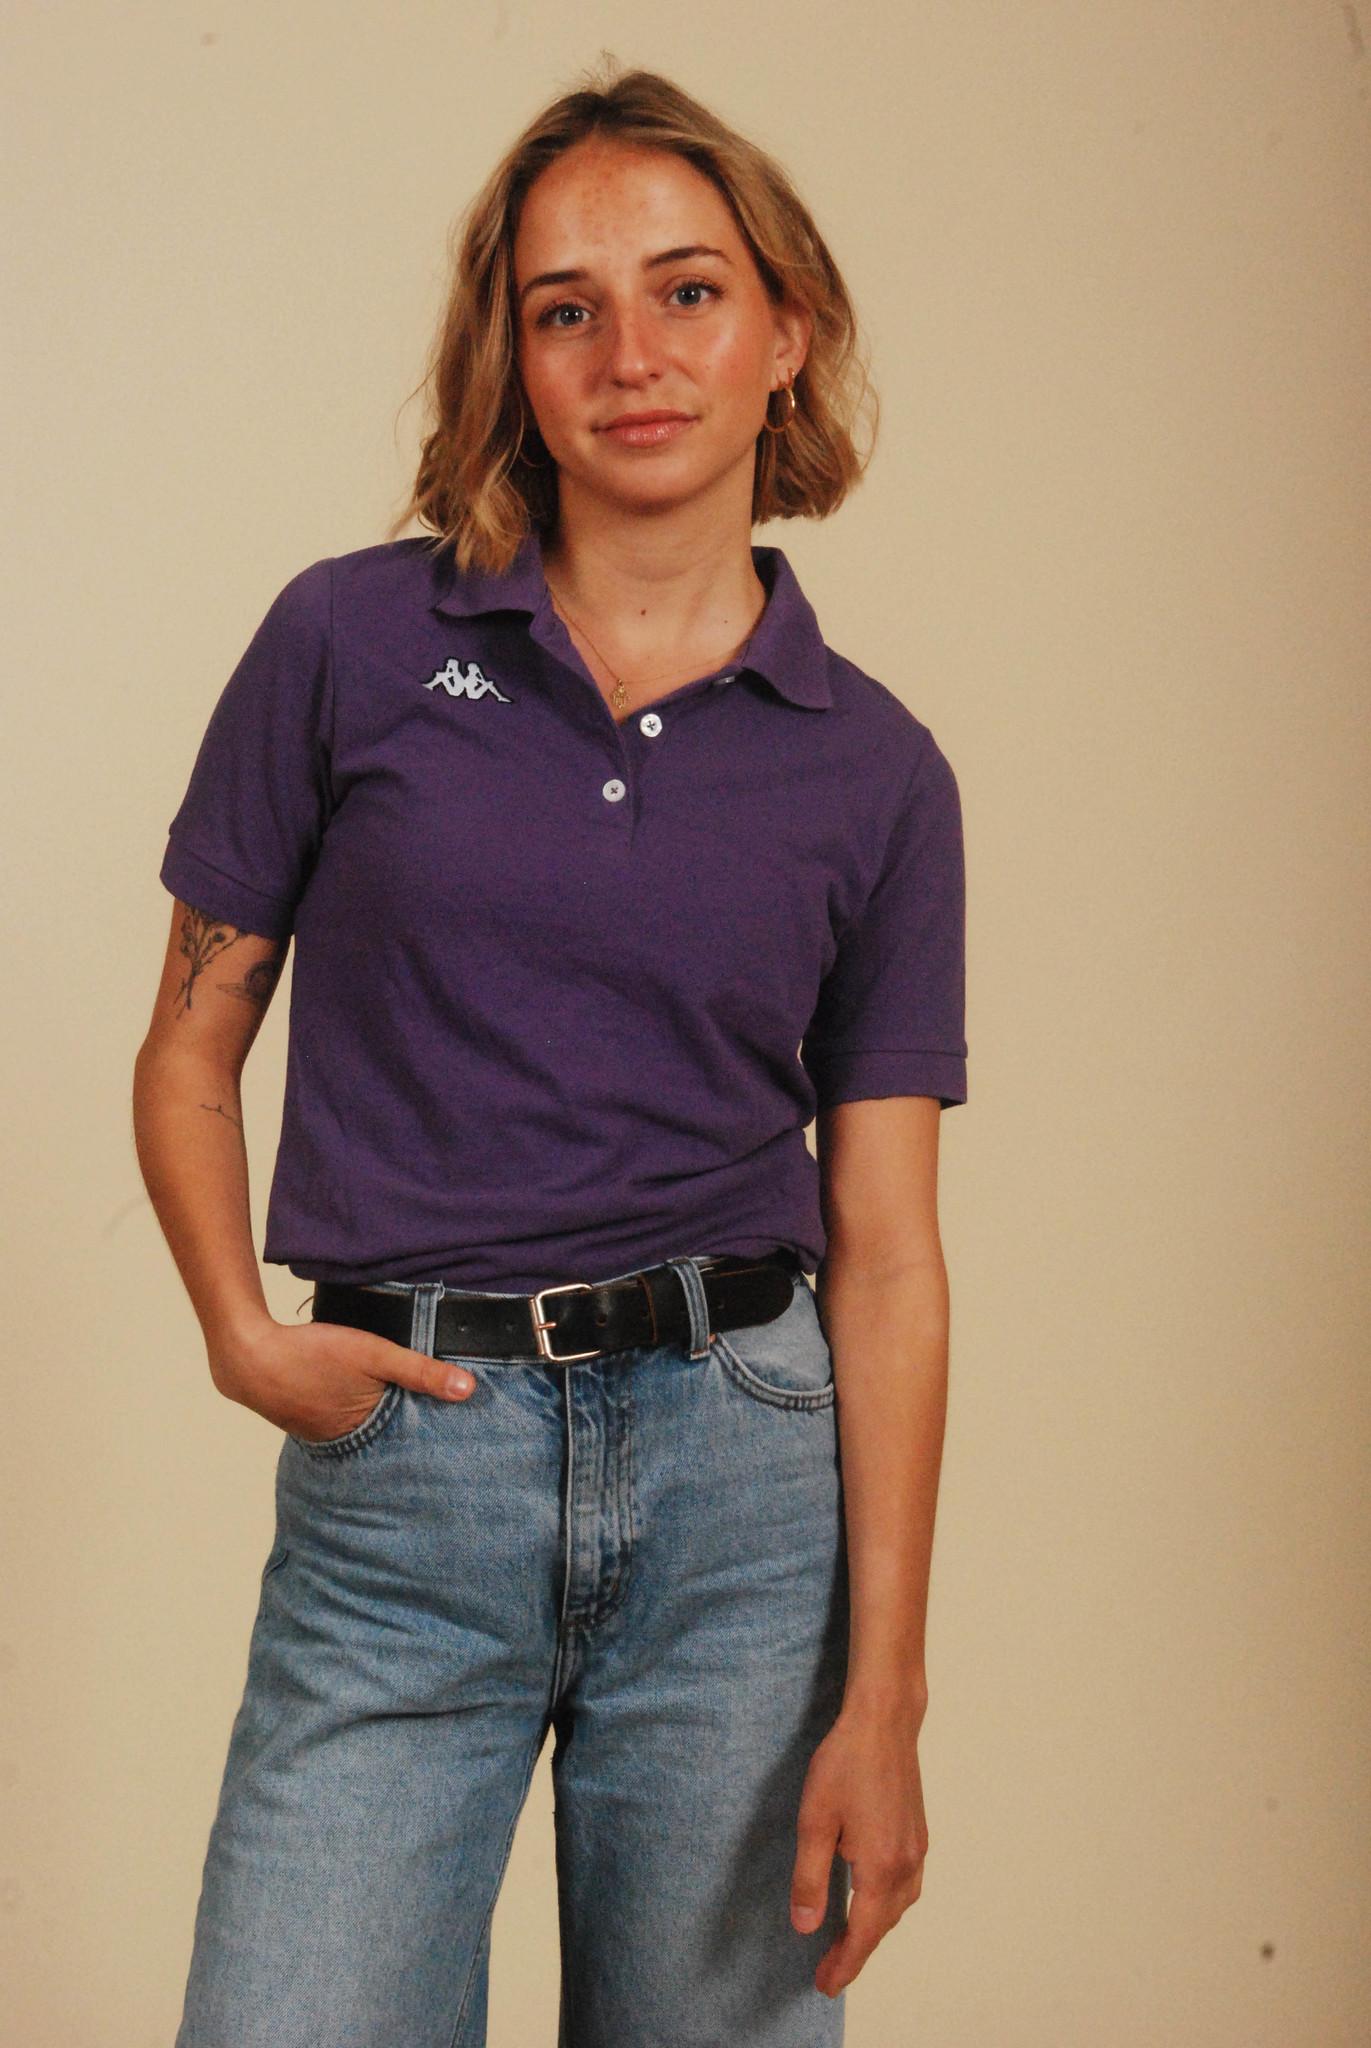 Purple 90s Kappa polo shirt